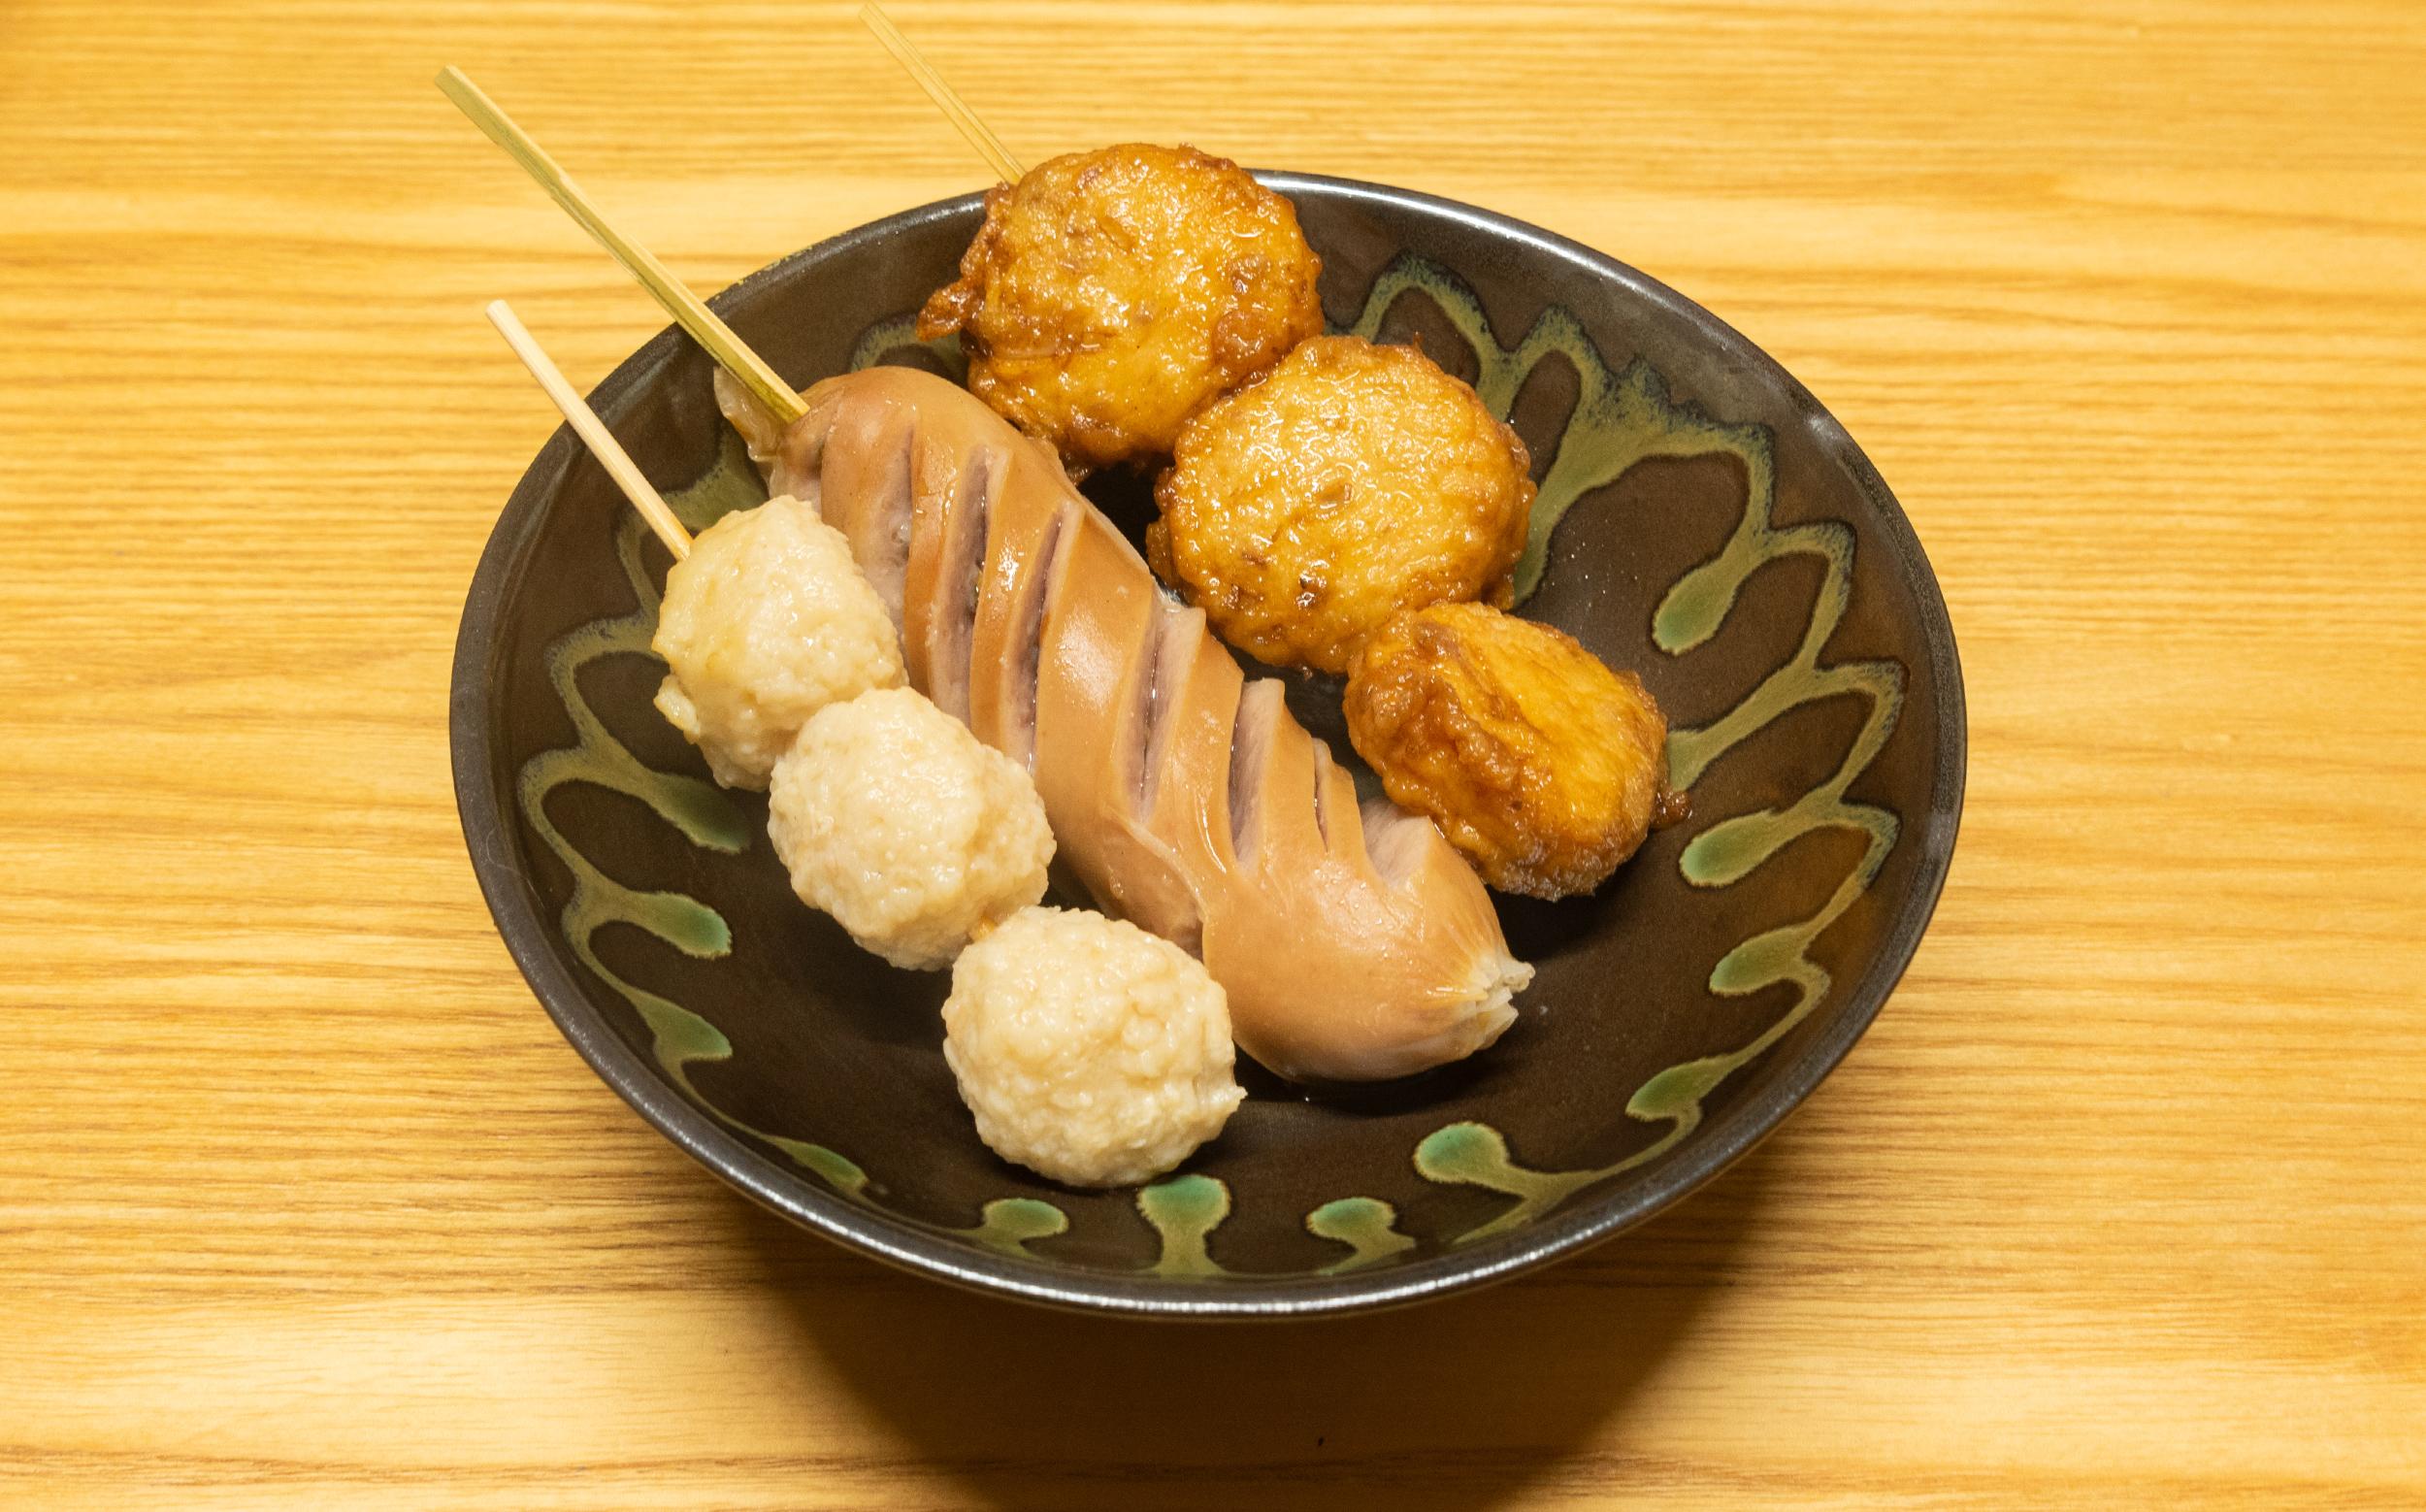 東京都板橋区蓮根 蓮根中央商店会:えびすや蒲鉾店のおでん種